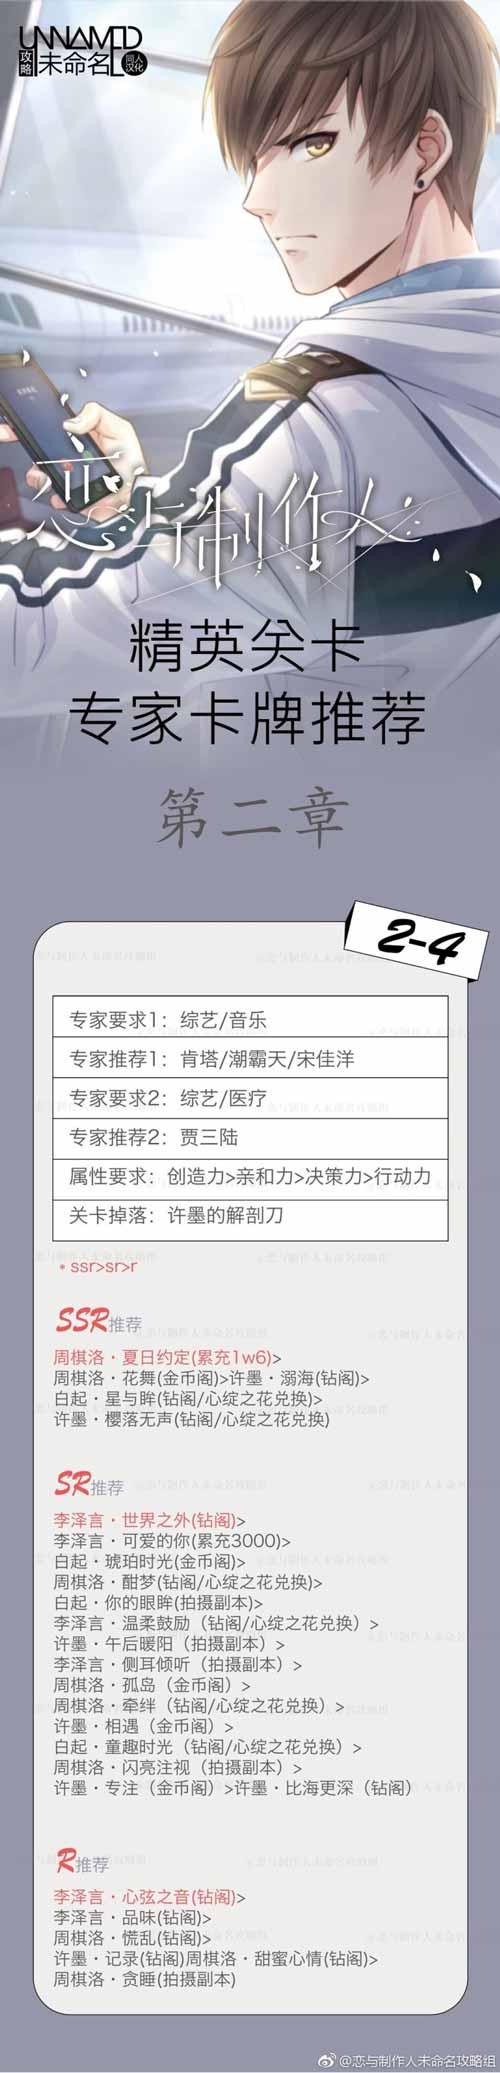 恋与制作人精英2-4关怎么过